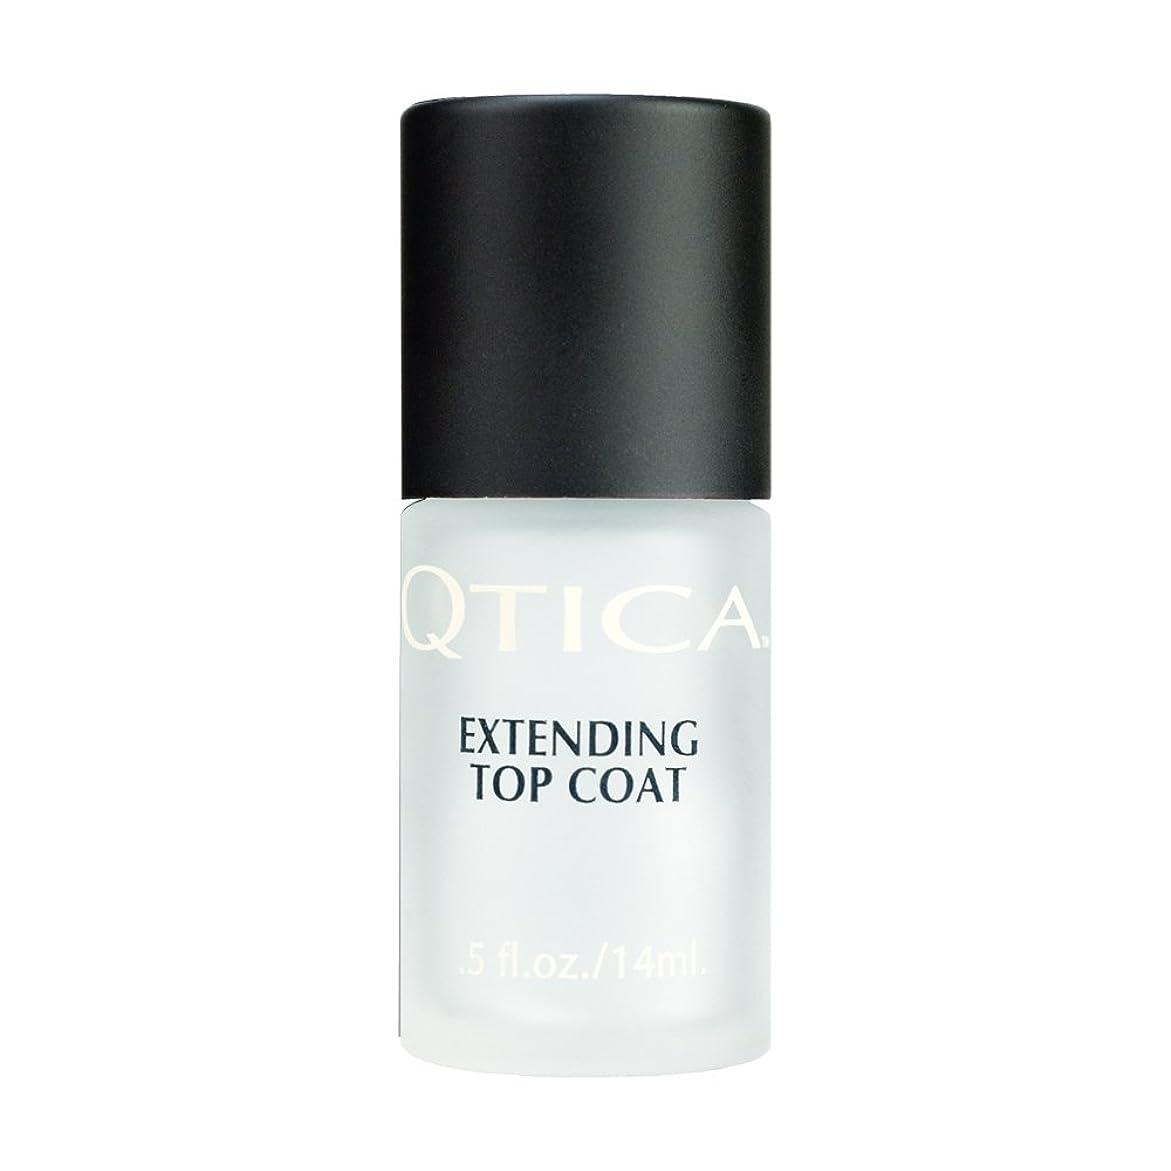 限り時刻表最初QTICA エクステンディングトップコート 14ml